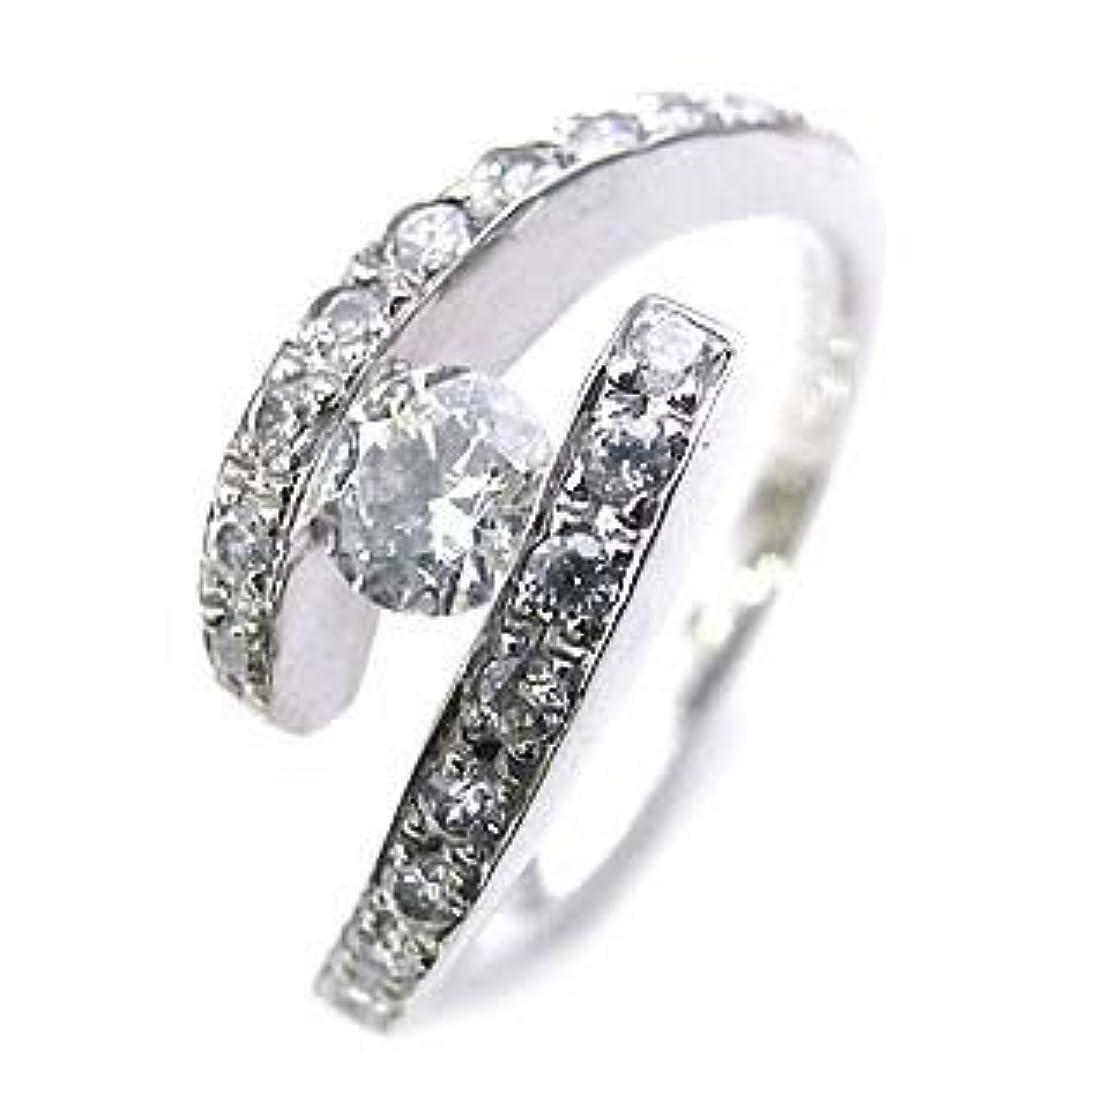 中絶研磨剤敬な( 婚約指輪 ) ダイヤモンド プラチナエンゲージリング( Brand Jewelry Angerosa ) #6